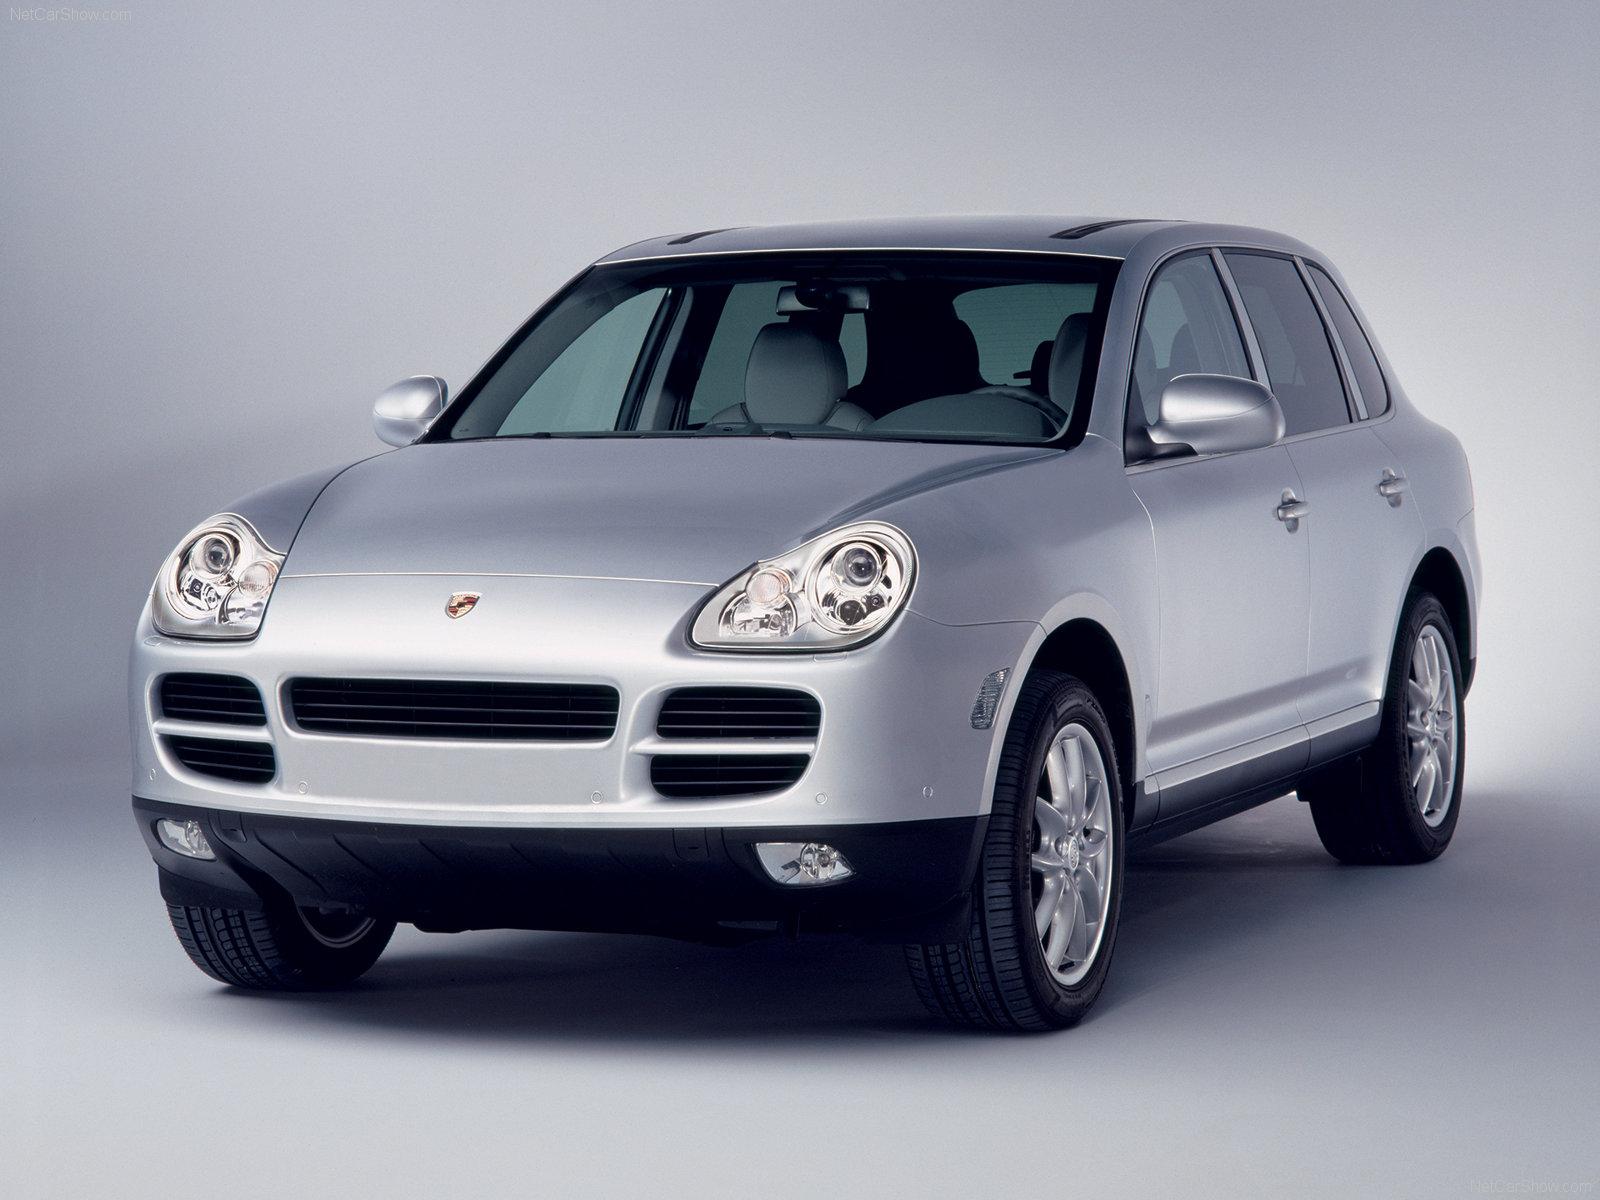 2004 Cayenne Porsche Mania